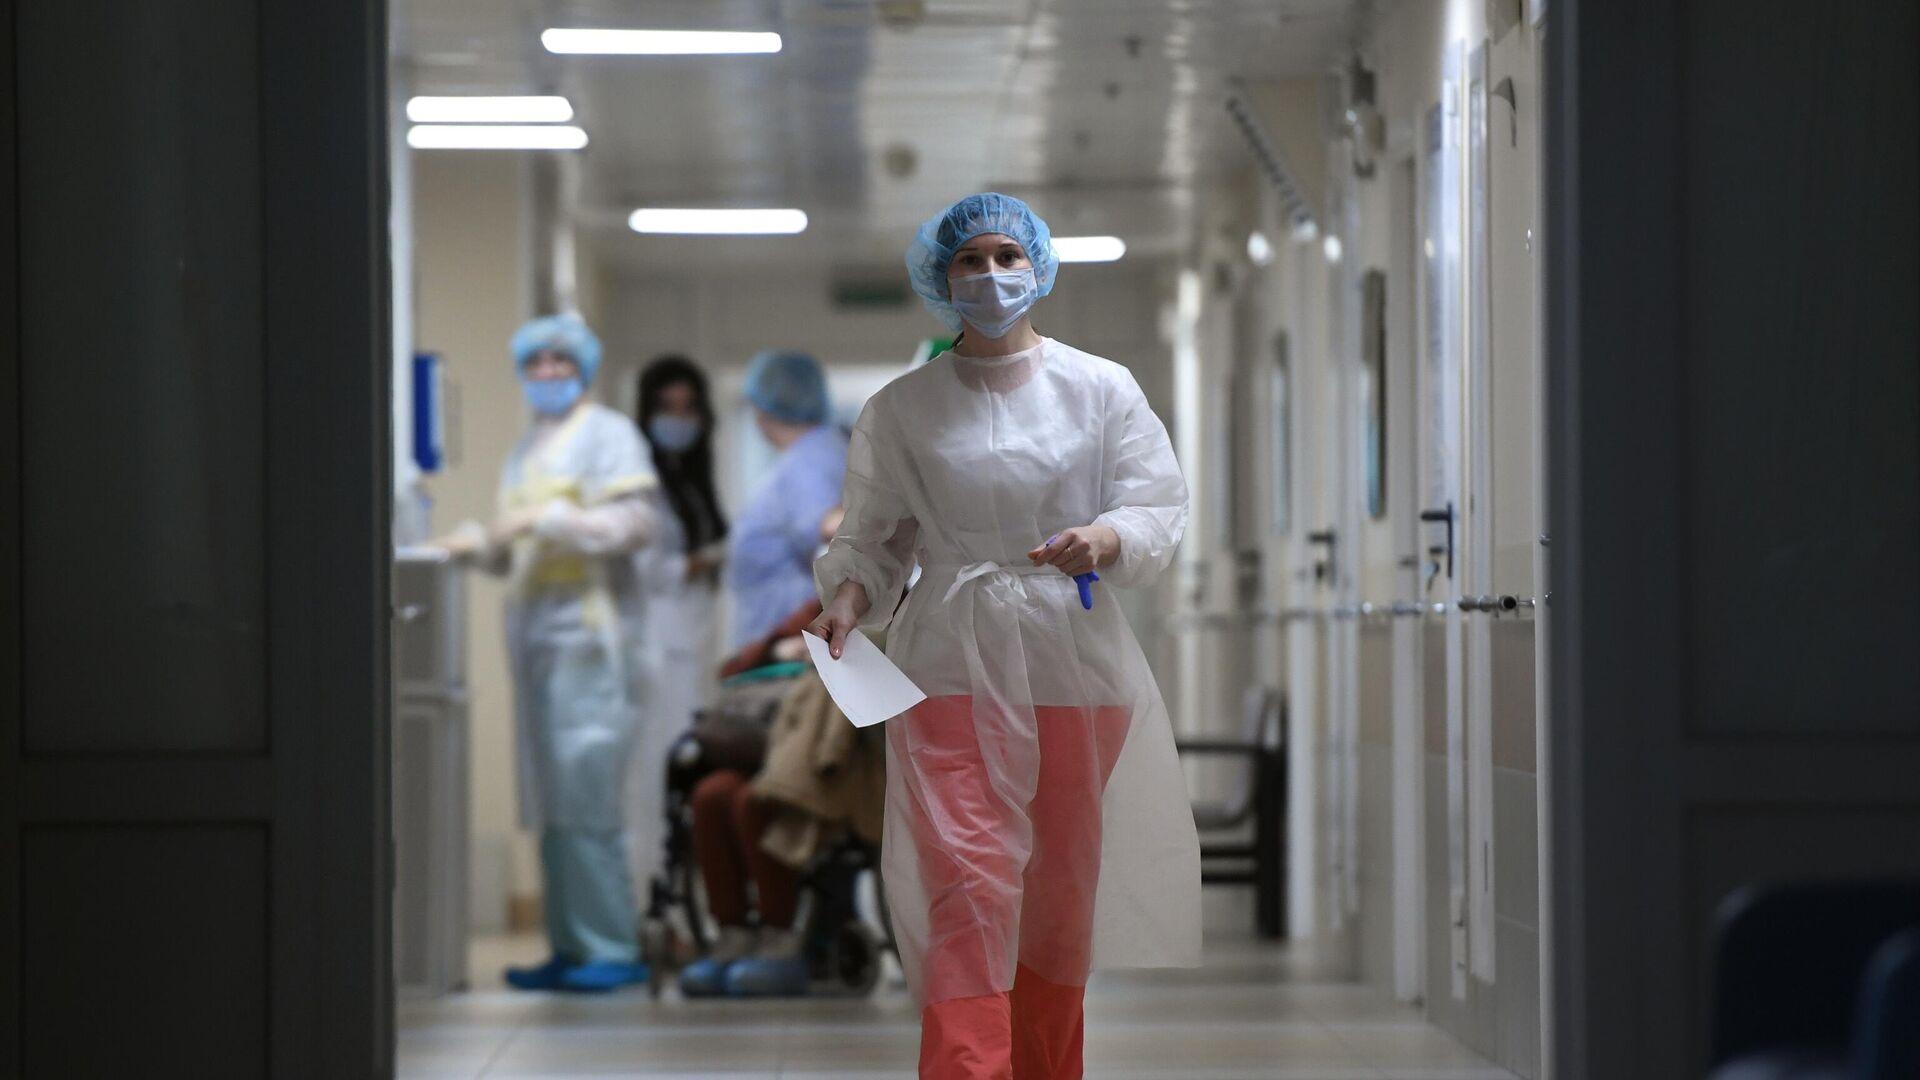 Медицинские работники и пациенты в городской клинической больнице №15 имени О.М. Филатова - РИА Новости, 1920, 05.03.2021